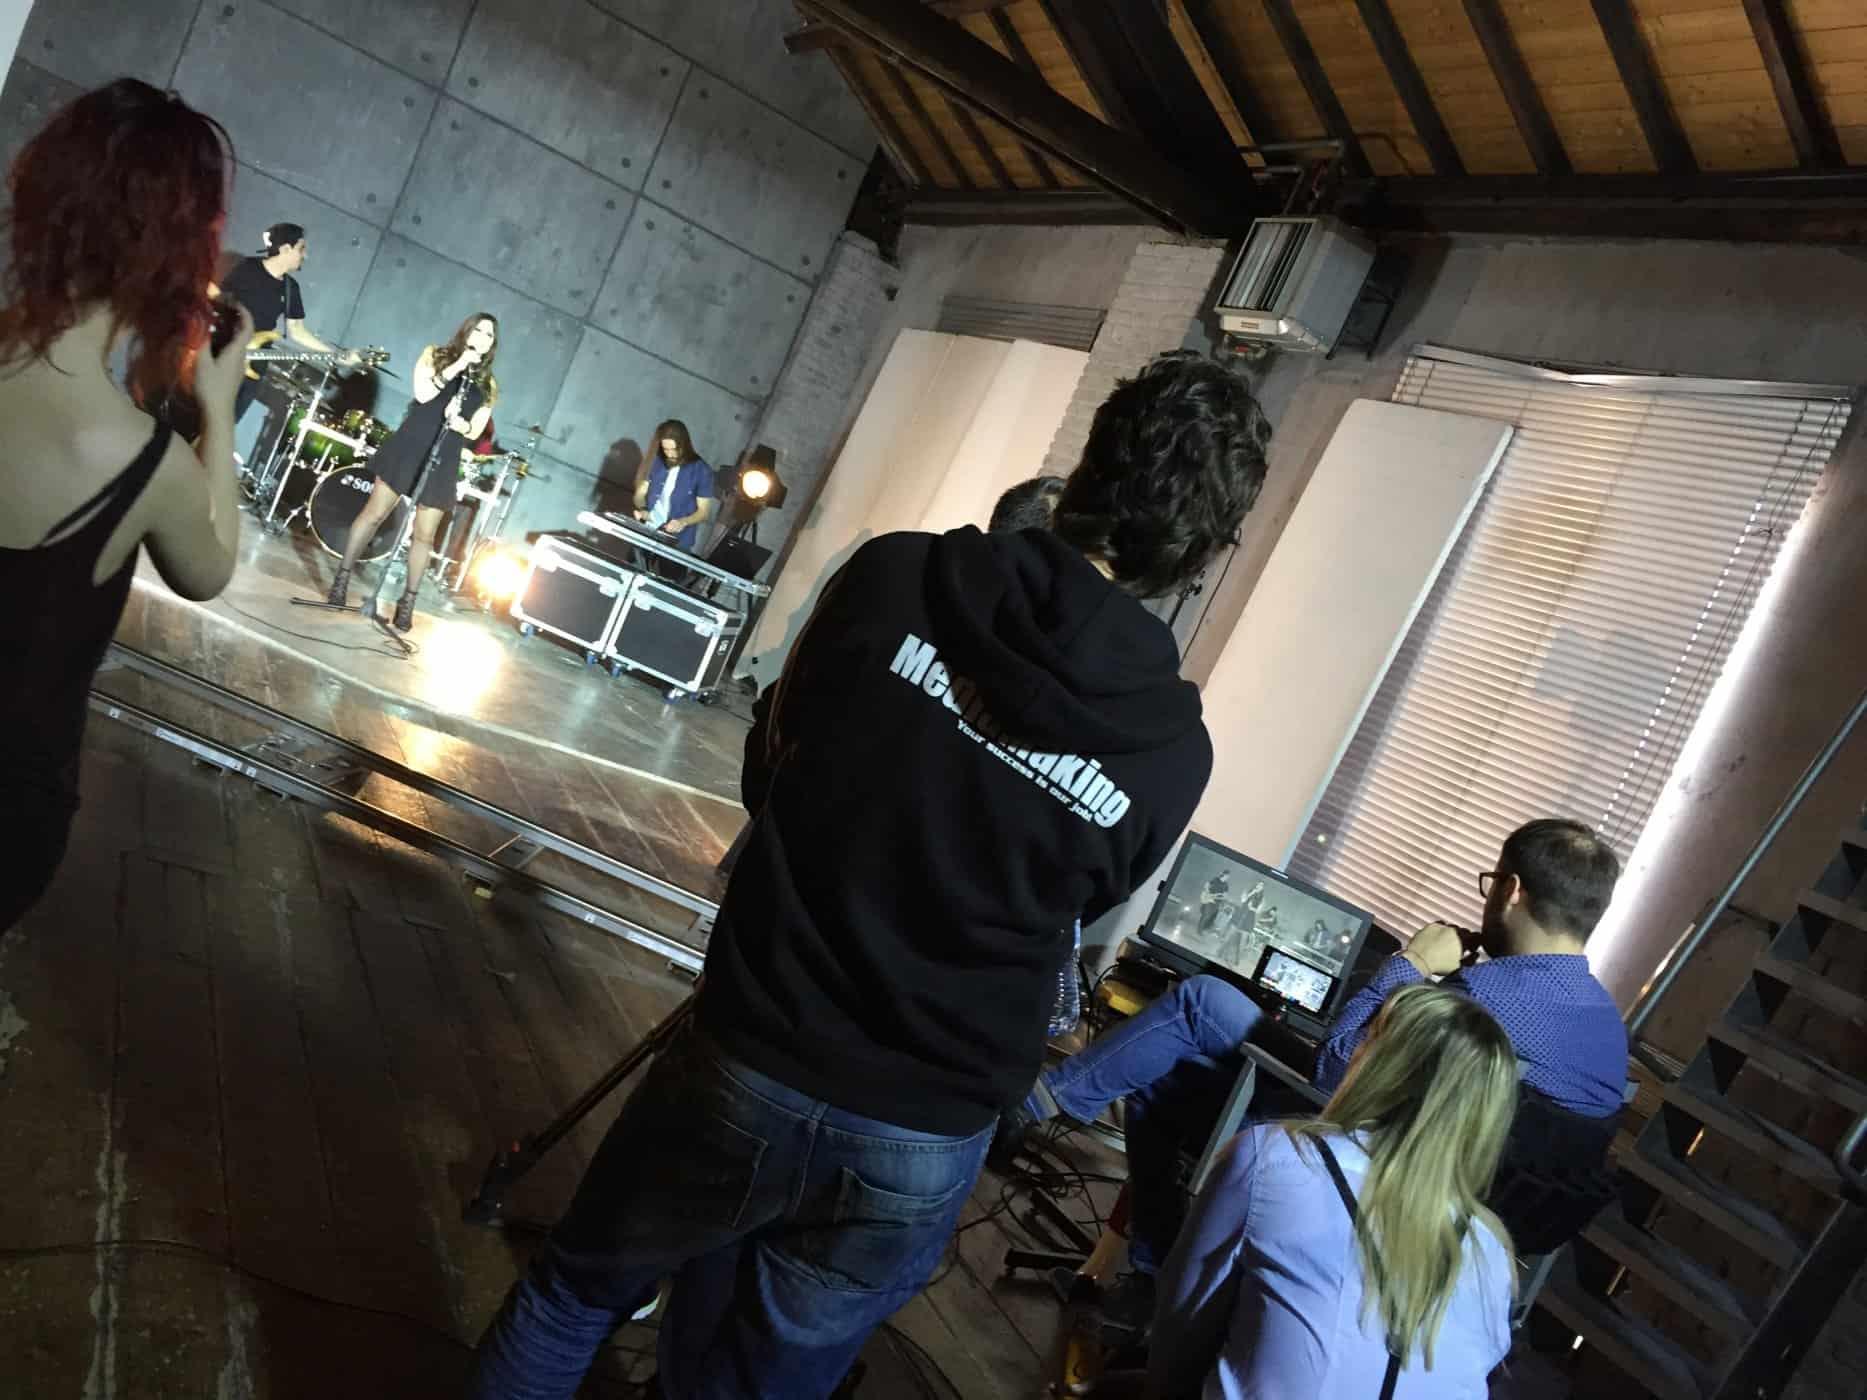 videoclip-musicali-videoproduzioni-postproduzione-band-artisti-emergenti-video-riprese (6)